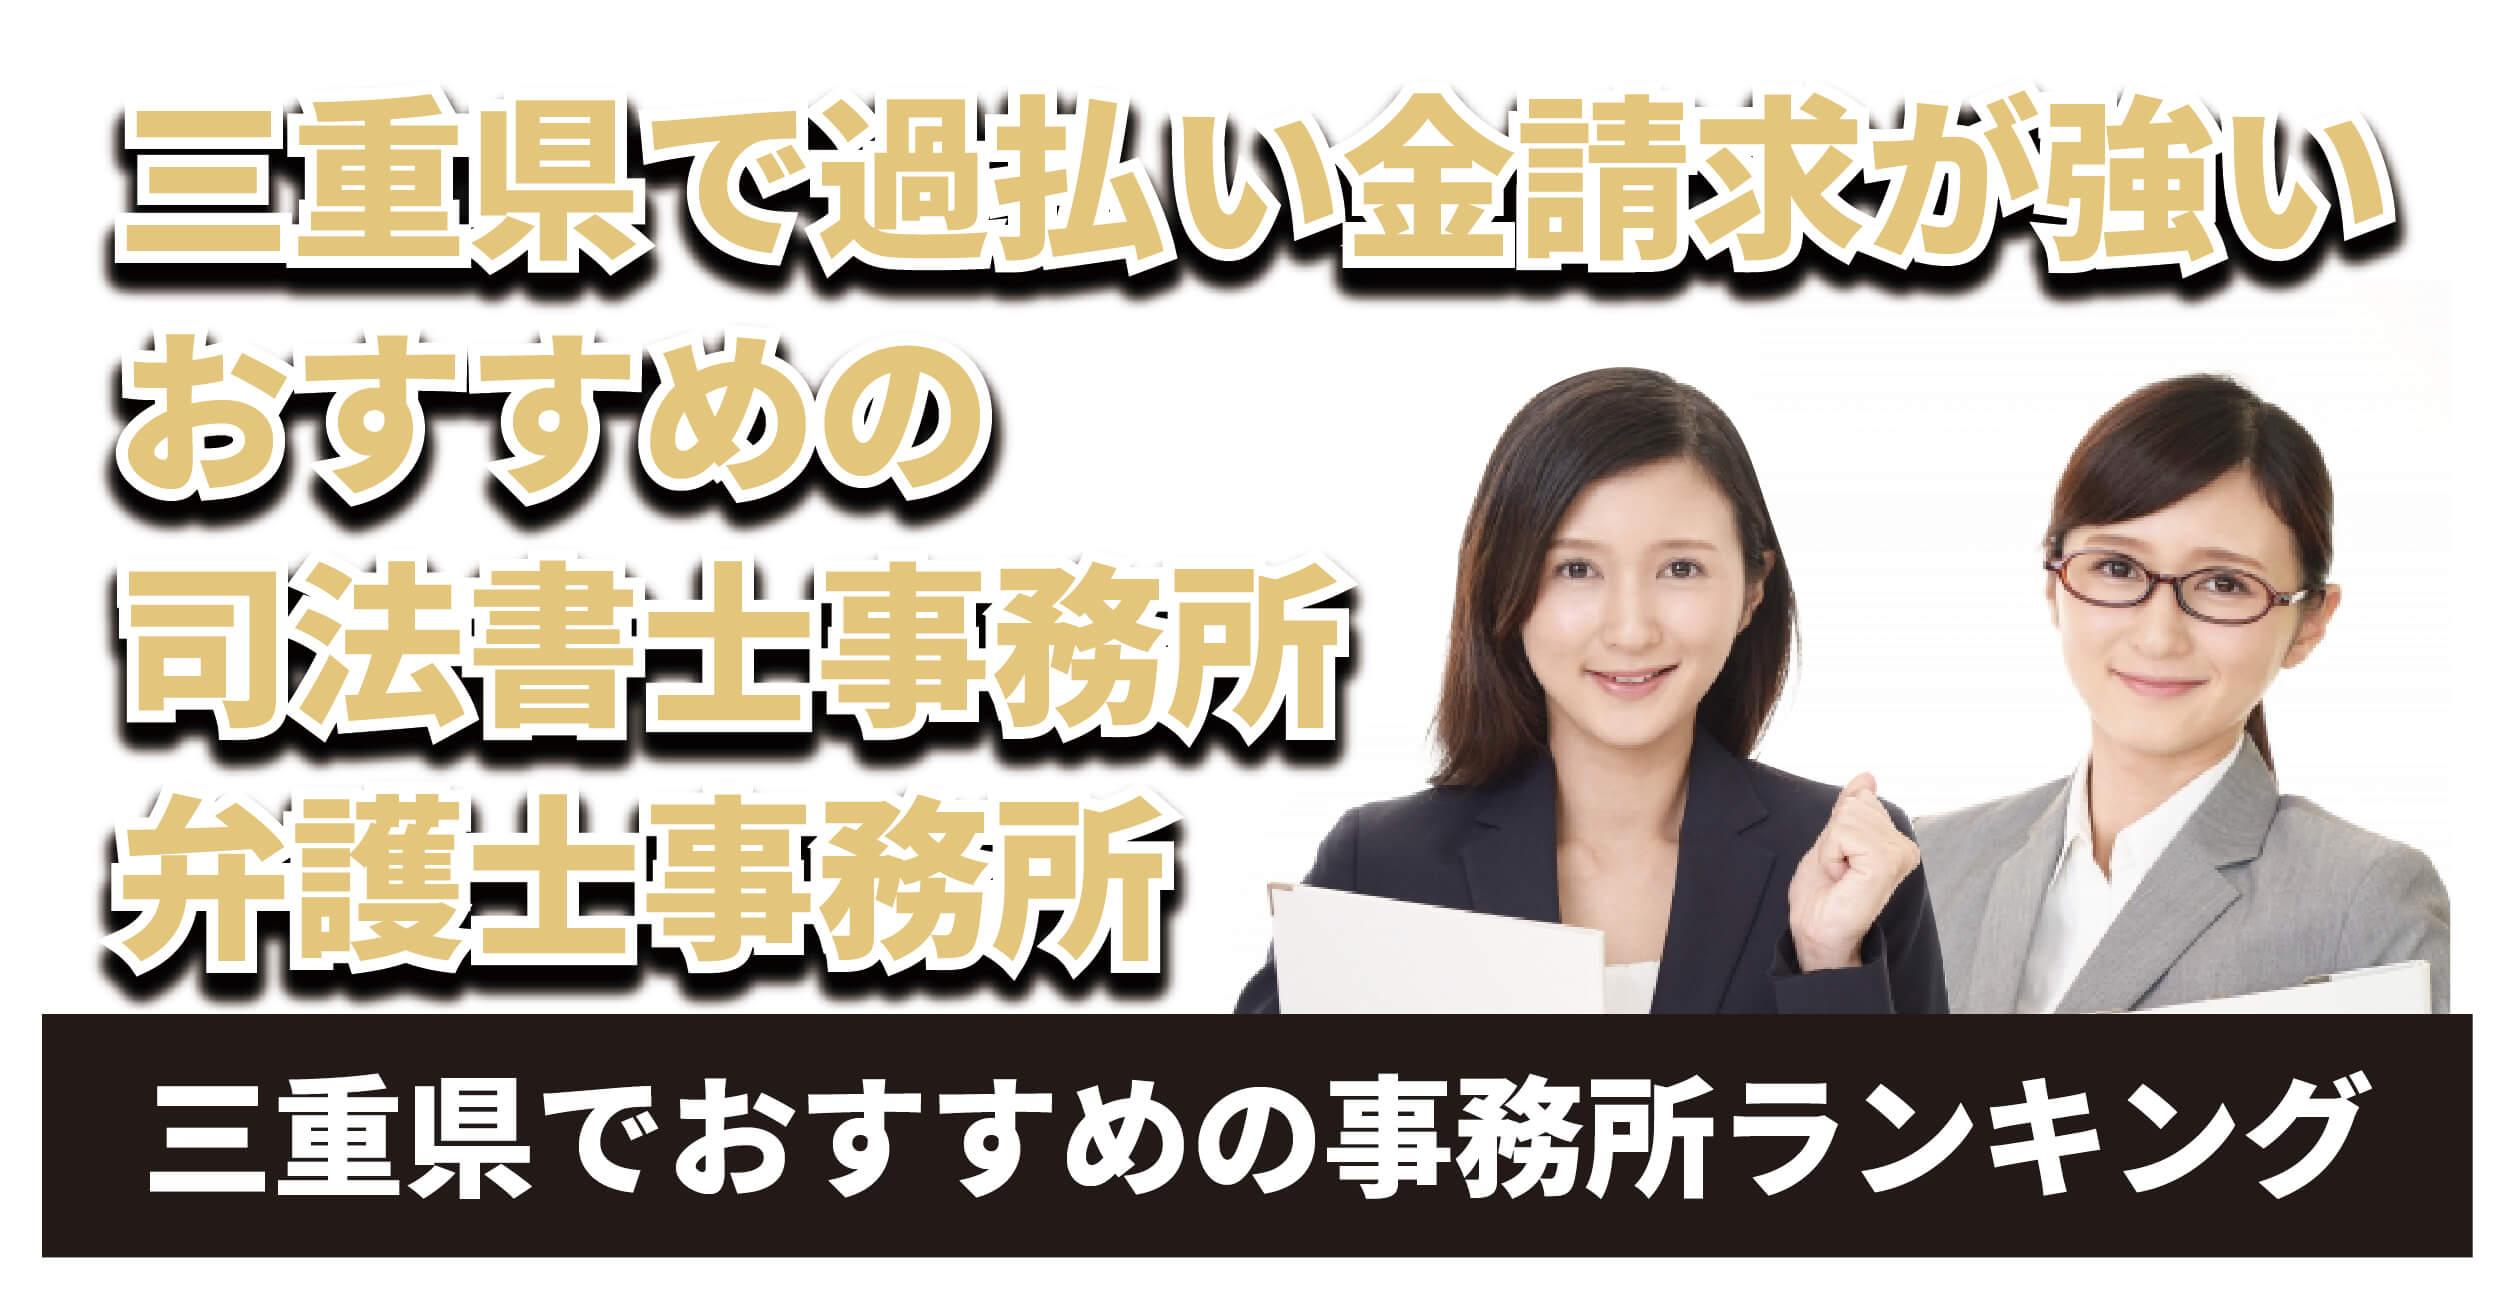 三重県で過払い金請求が強い弁護士は?